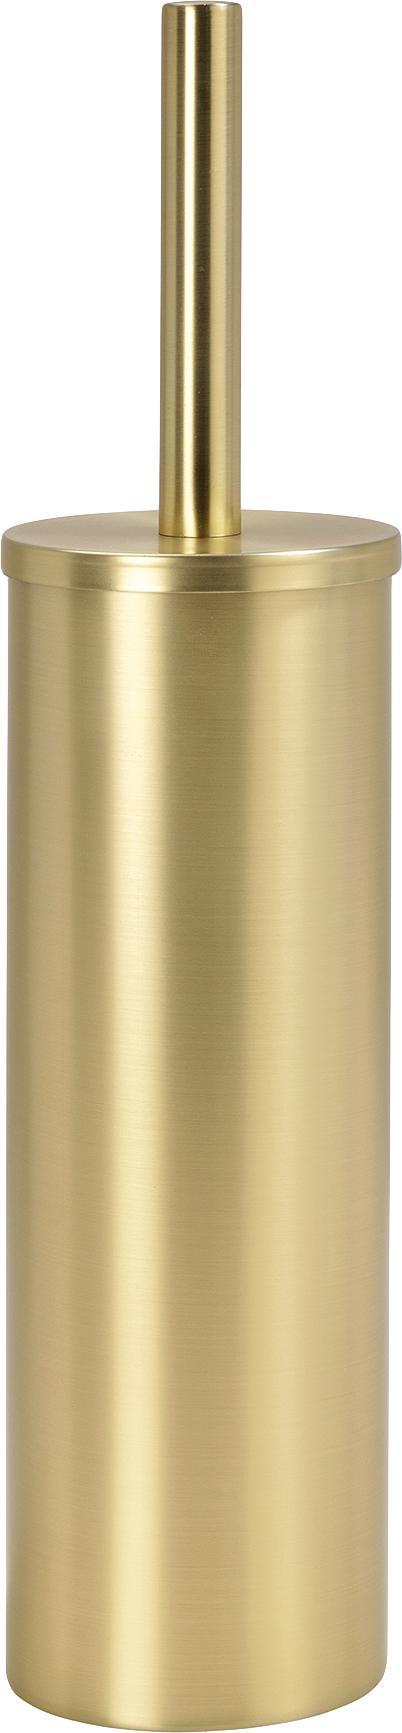 Escobilla de baño Onyar, Recipiente: acero inoxidable, recubie, Latón, Ø 9 x Al 41 cm